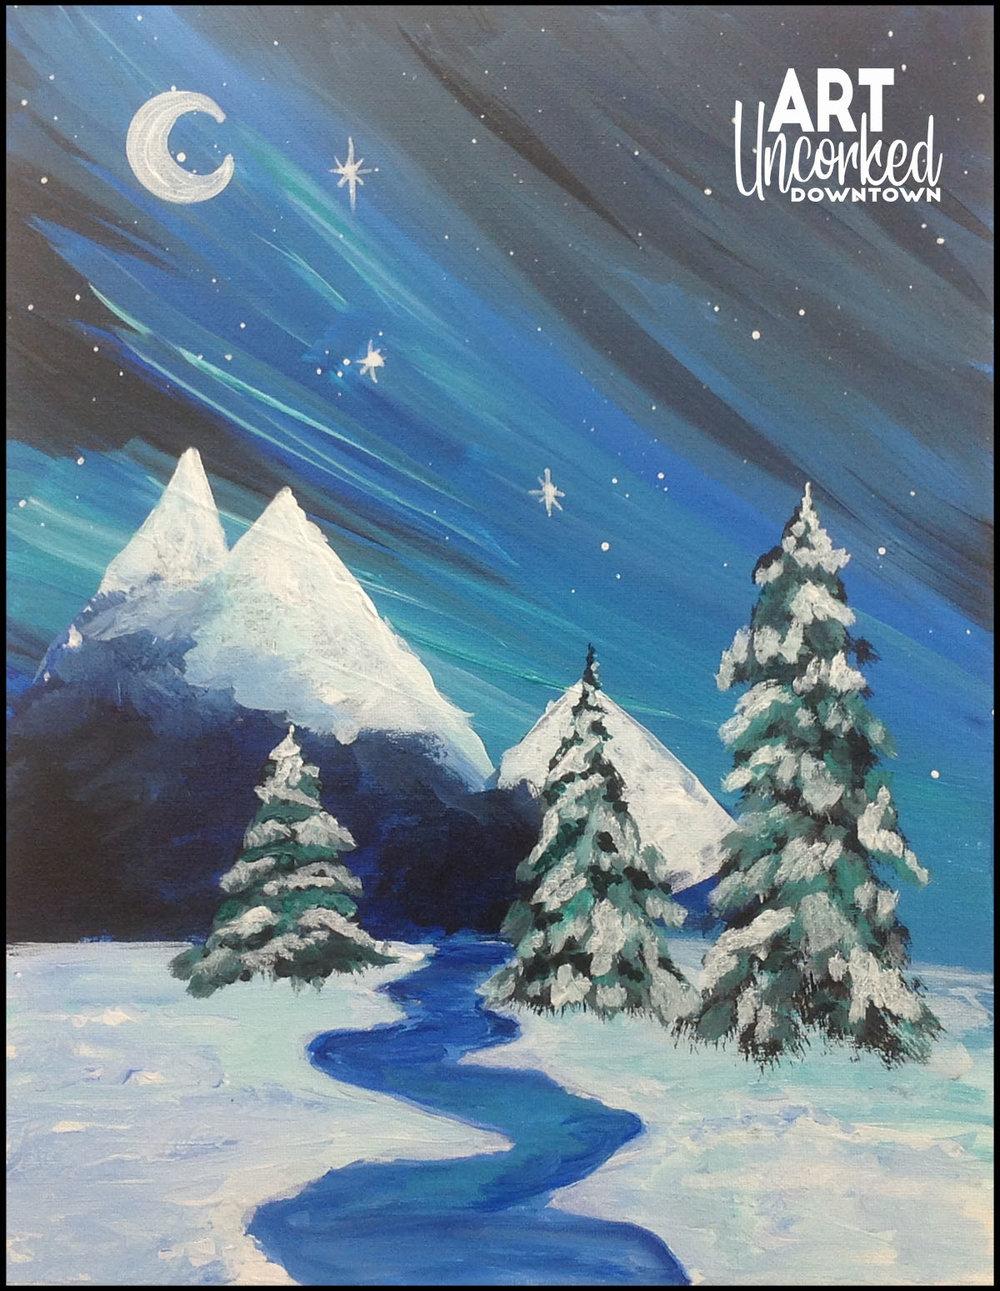 Winter - Winter wonderland.jpg